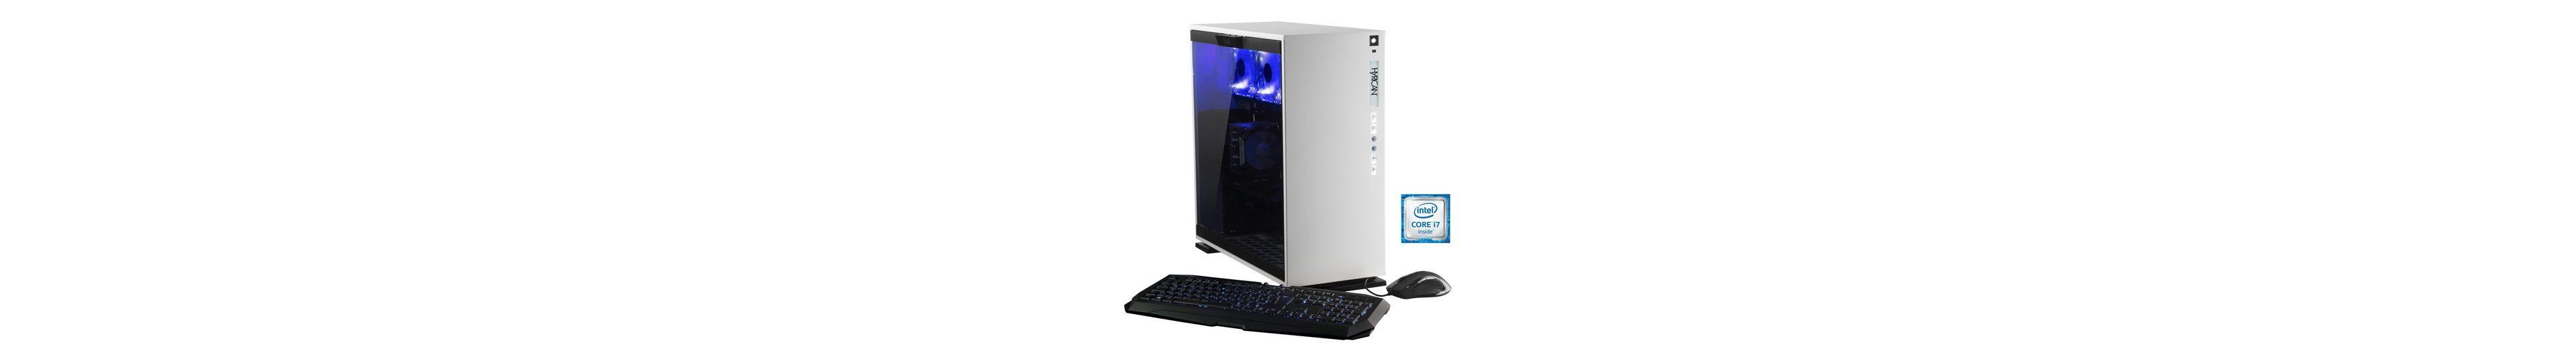 Hyrican Gaming PC Intel® i7-6700, 16GB, GeForce GTX® 1070 »Elegance 5327 blanc«